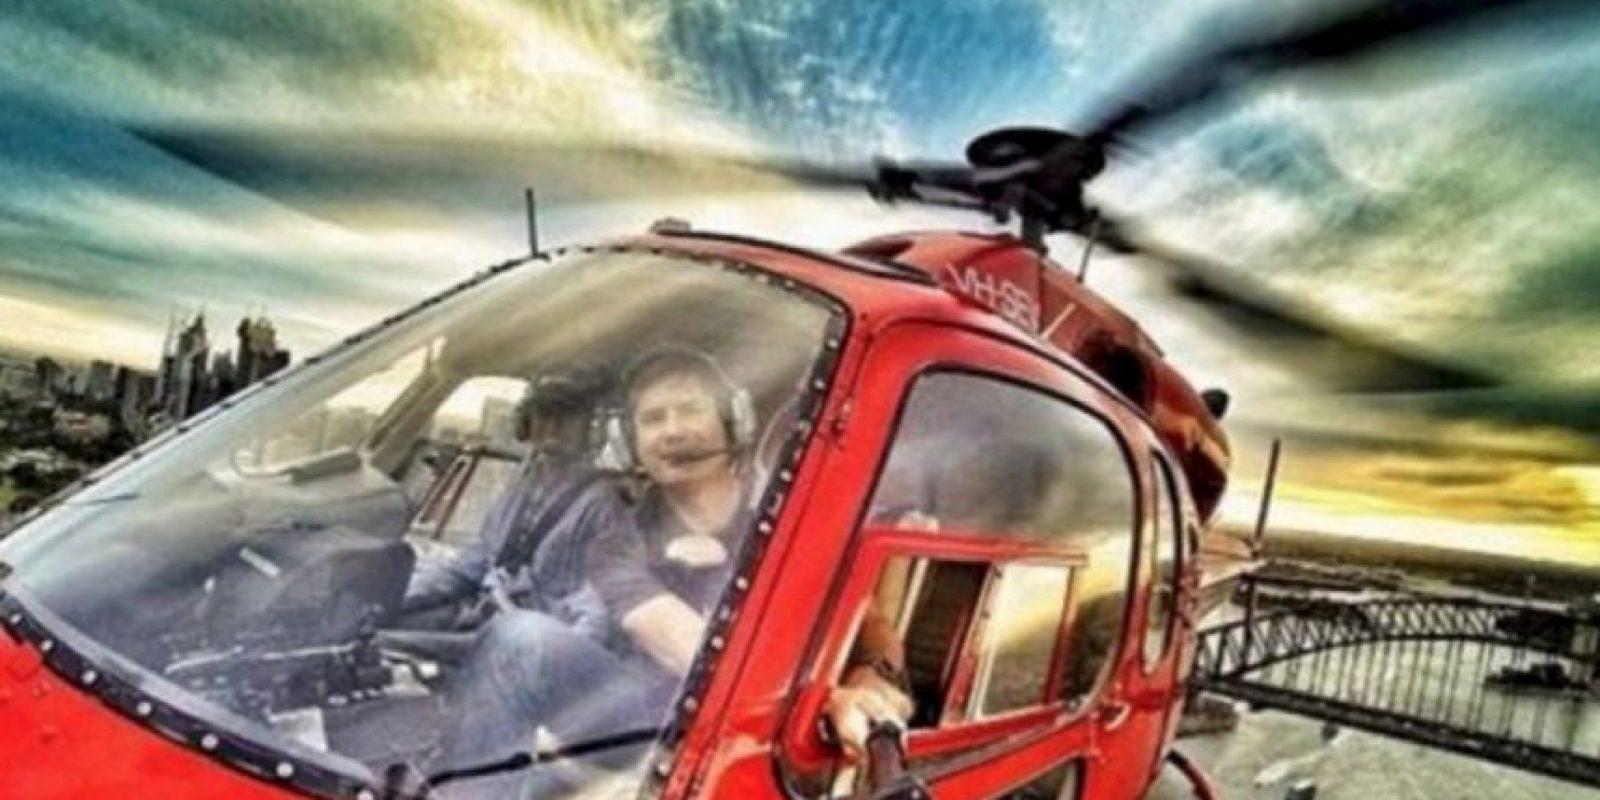 En el helicóptero. Foto:Brewed.nl